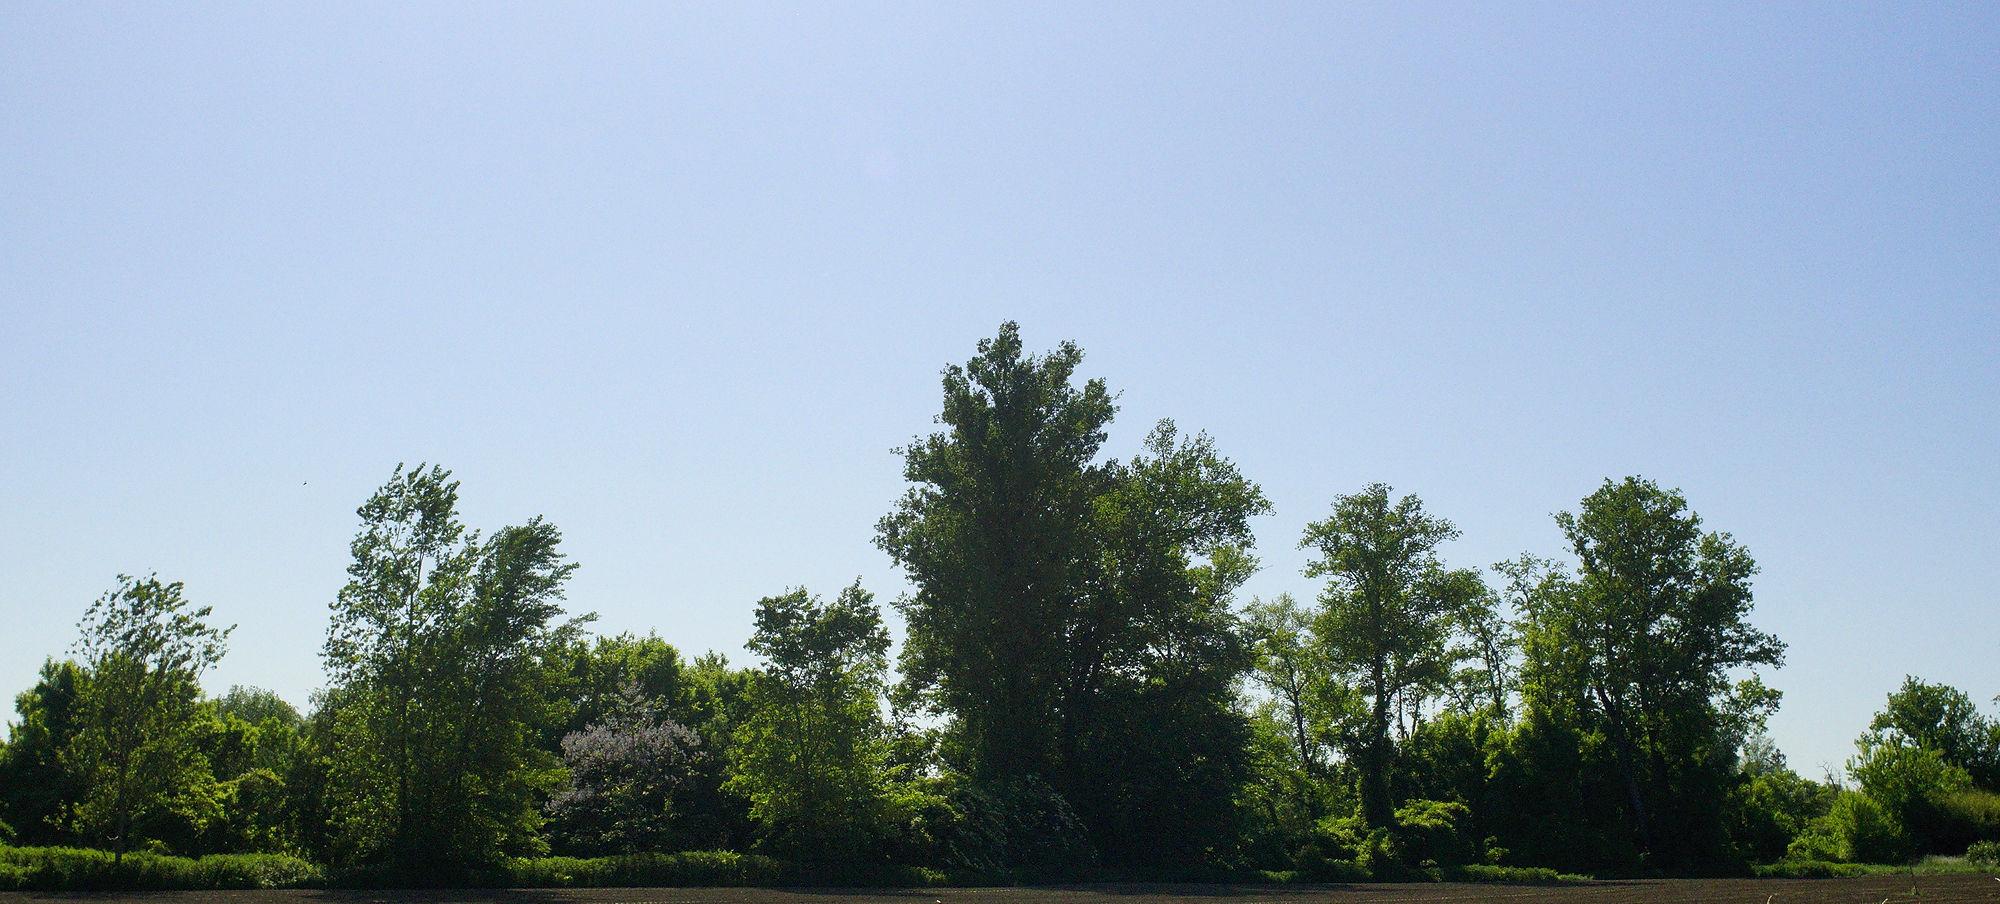 * Sichtschutz für die Garonne ~ eine Wand aus Bäumen *